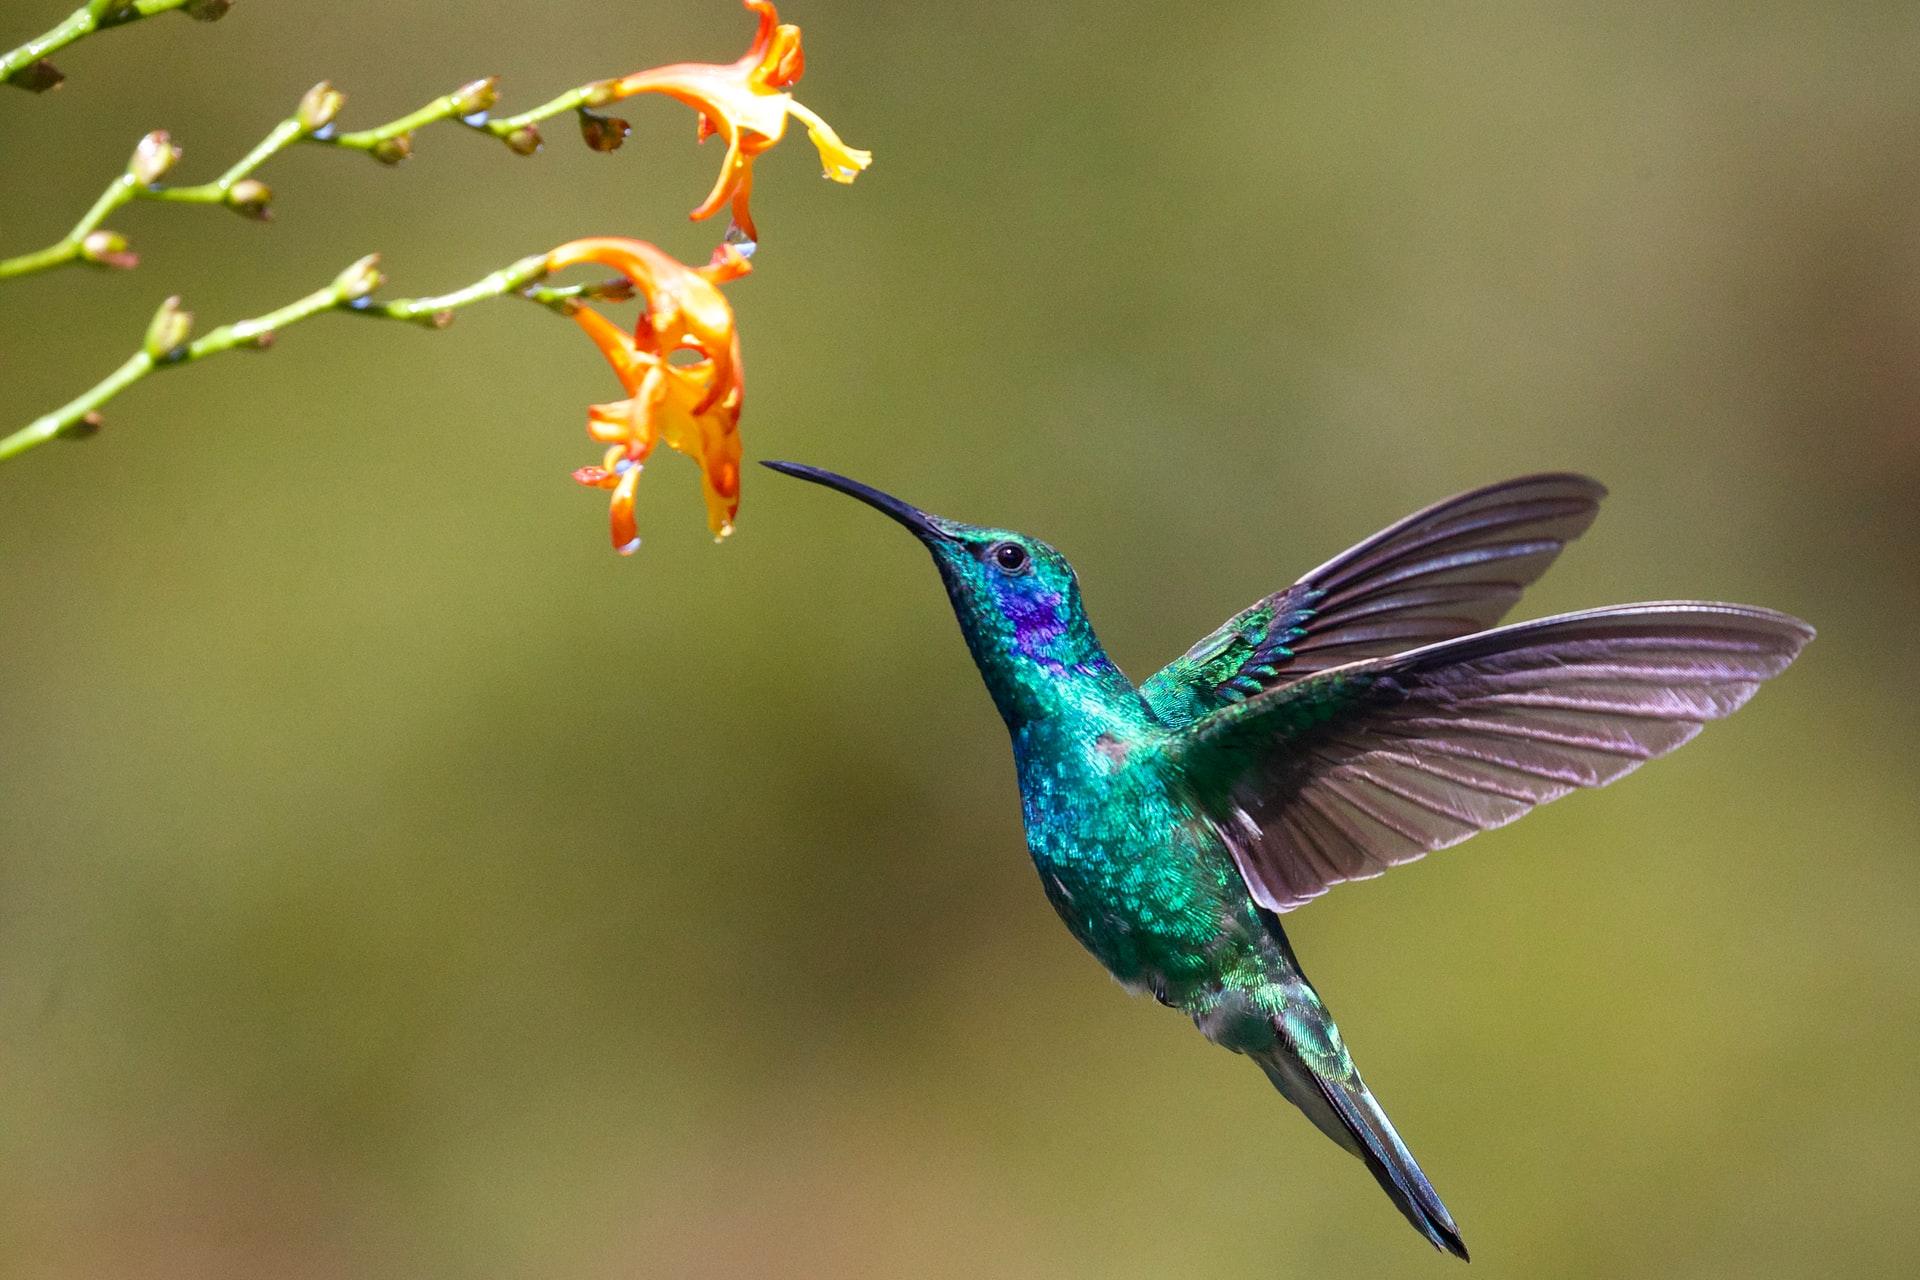 A hummingbird approaches a flower